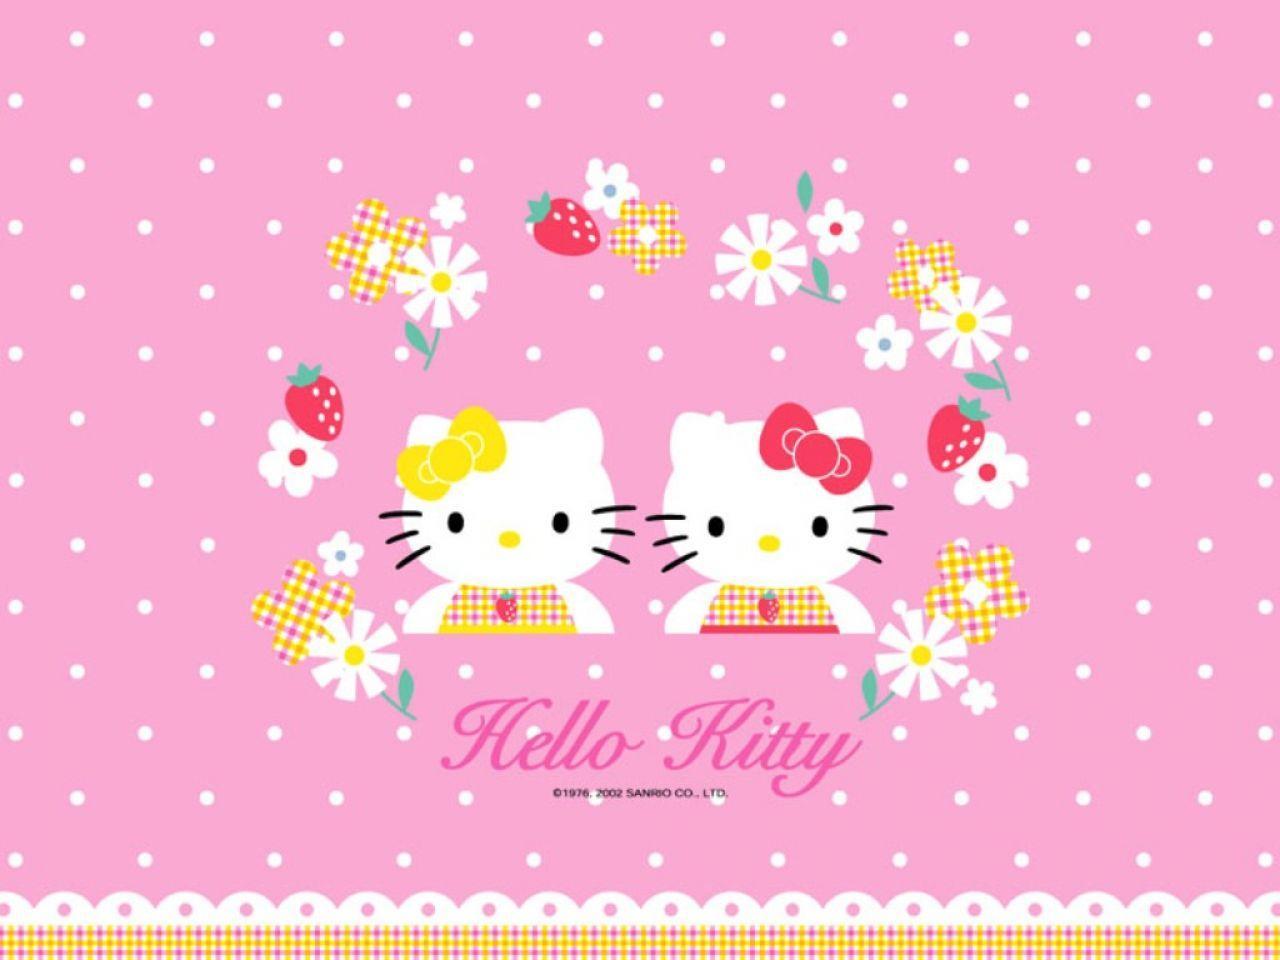 Hello kitty wallpaper for tablet wallpapersafari fondo de pantalla con una imagen de la popular hello kitty voltagebd Image collections